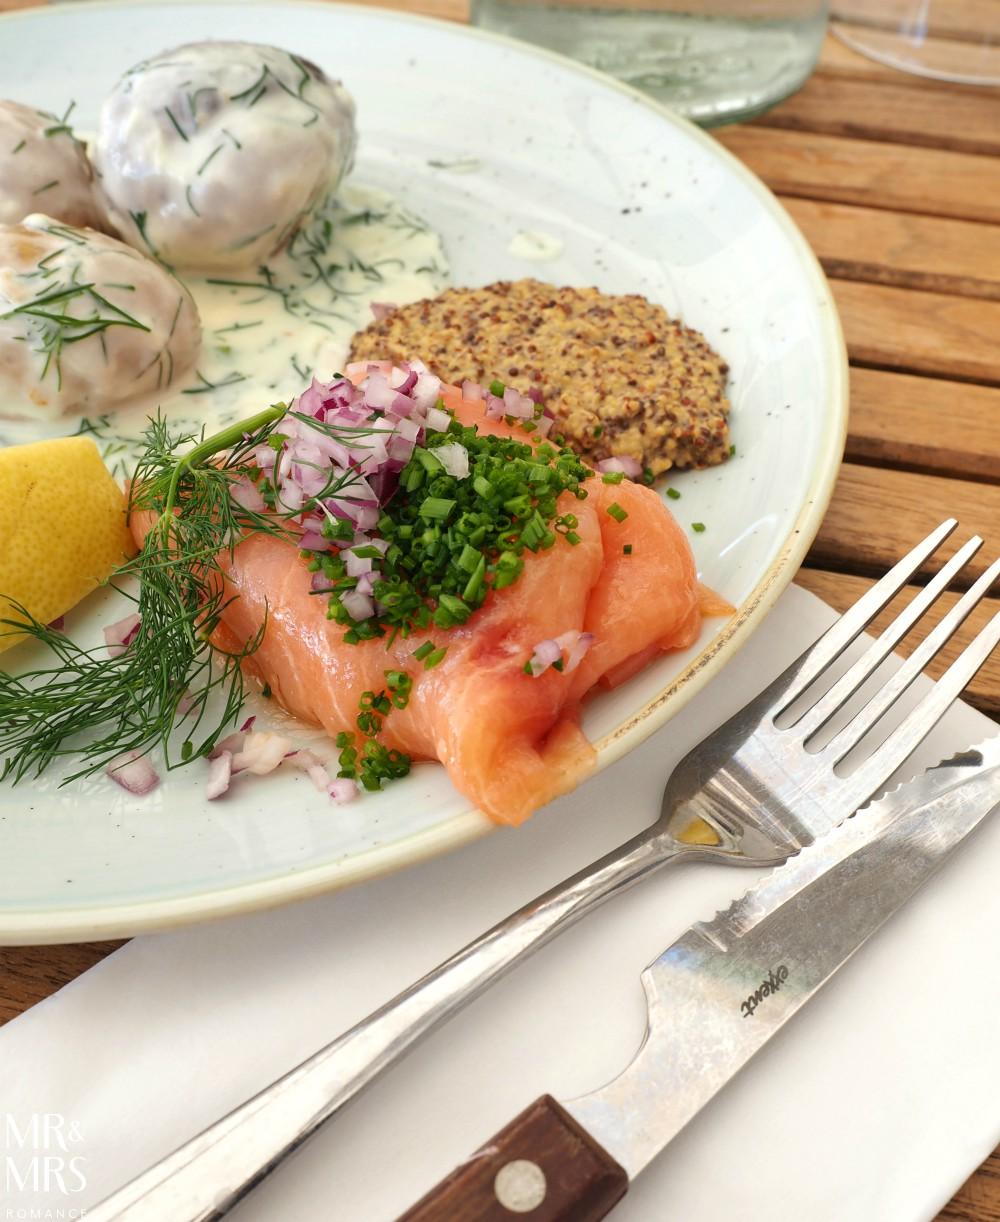 Swedish food - gravlax